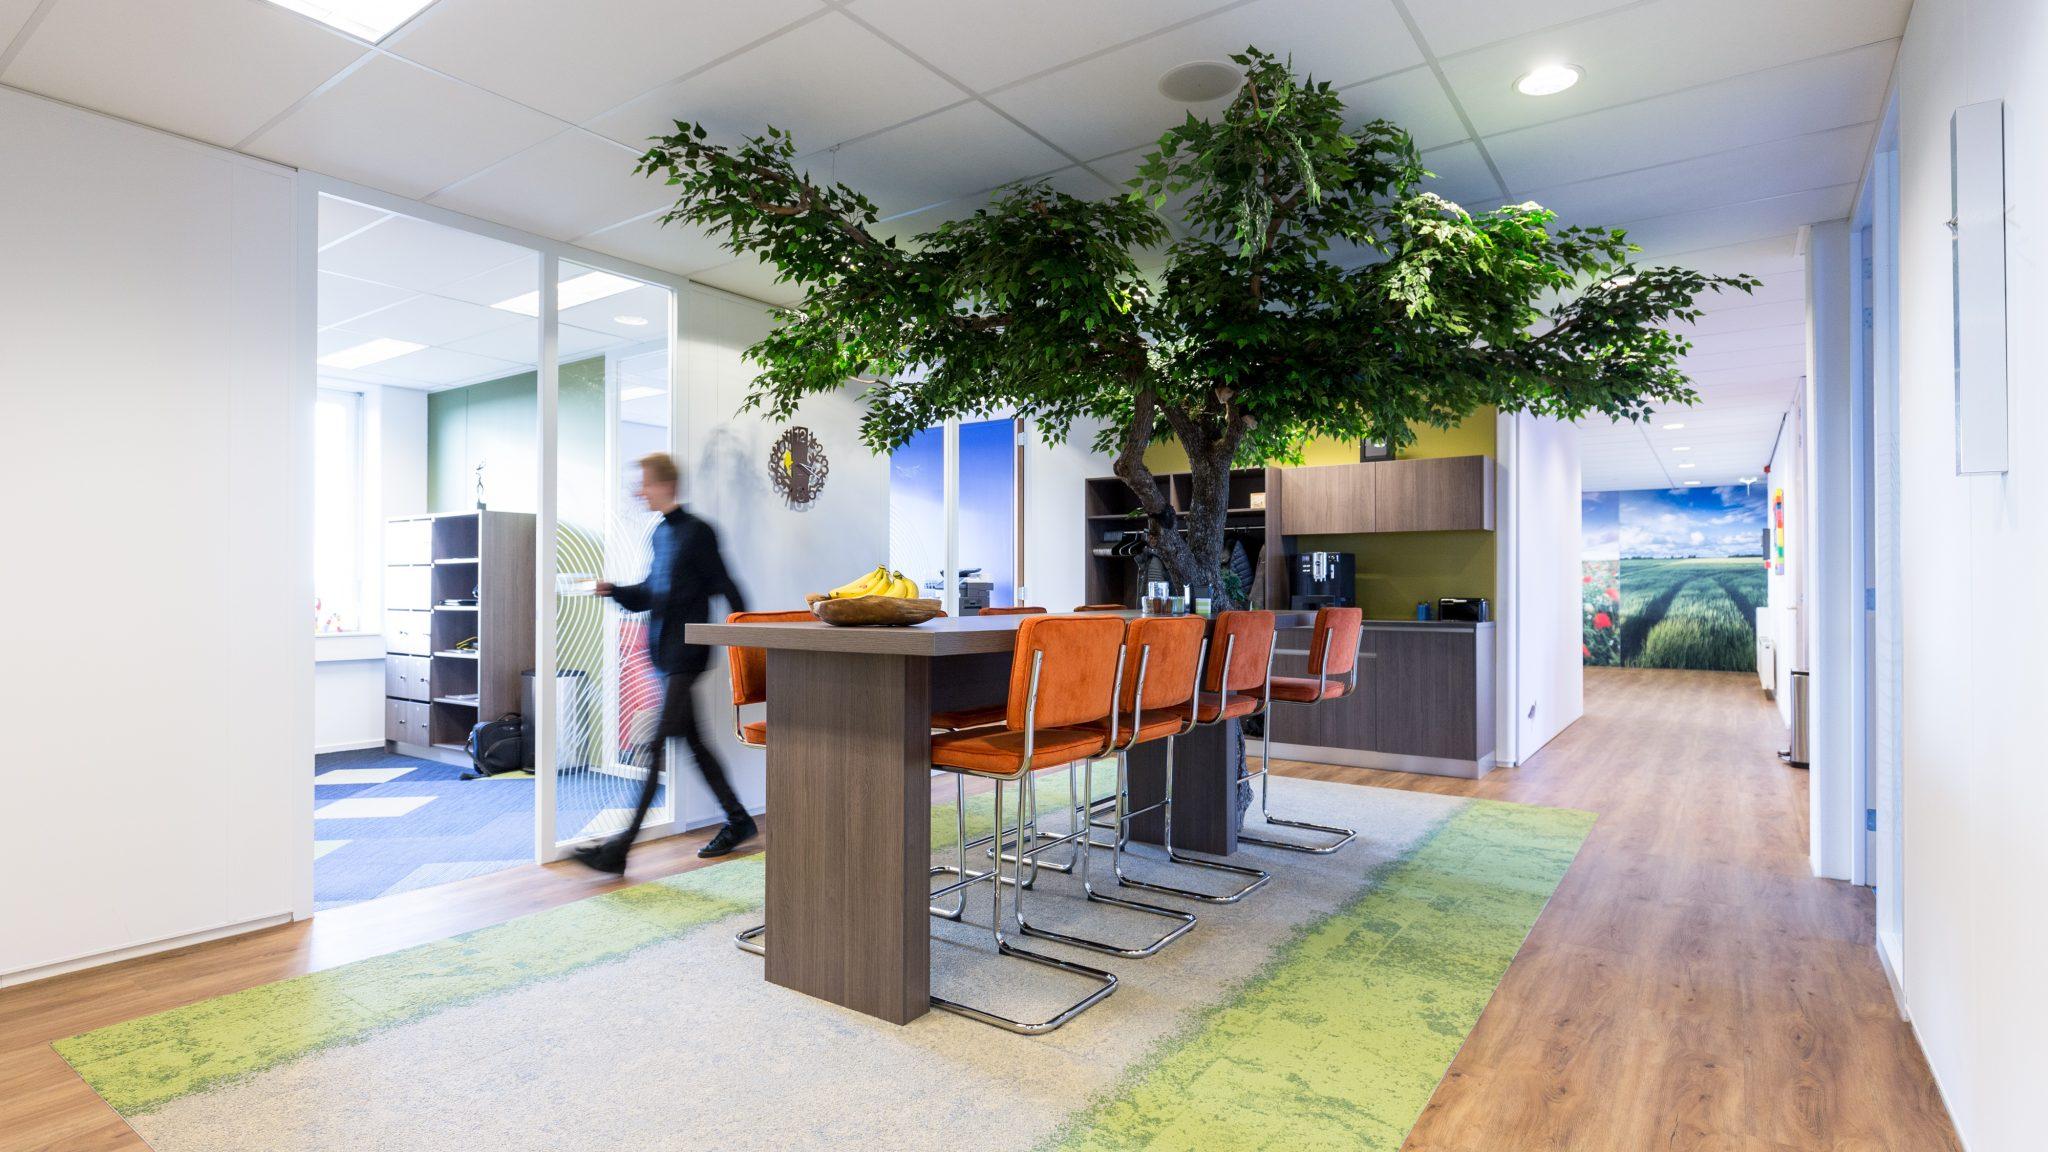 De Kolonel Assen - planten op kantoor - binnenboom